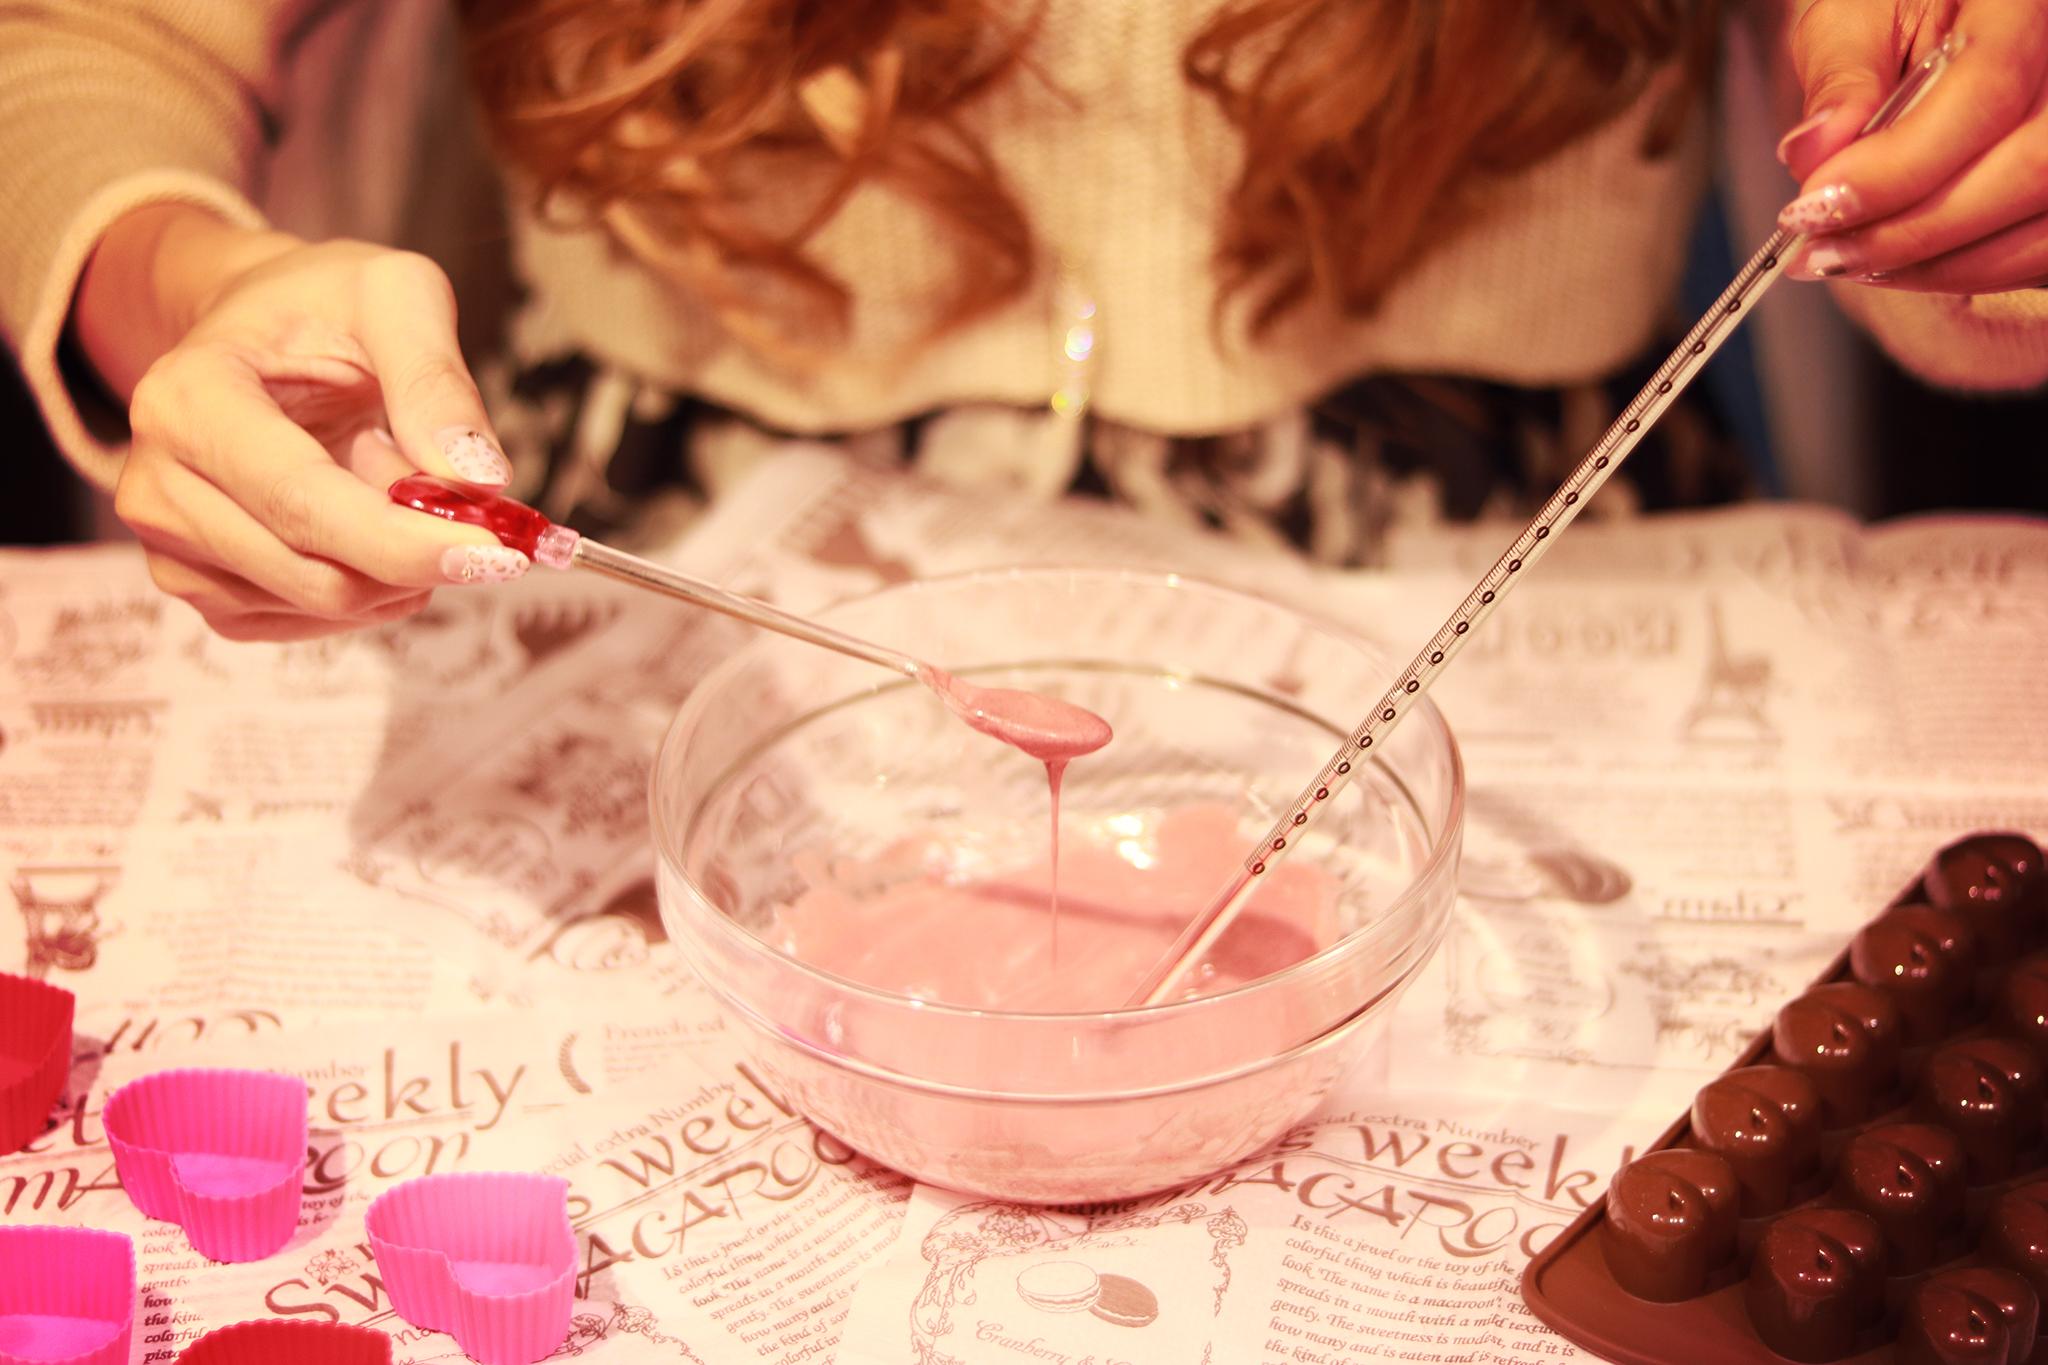 「お菓子」「チョコレート」「ドーナツ」「ハート」などがテーマのフリー写真画像